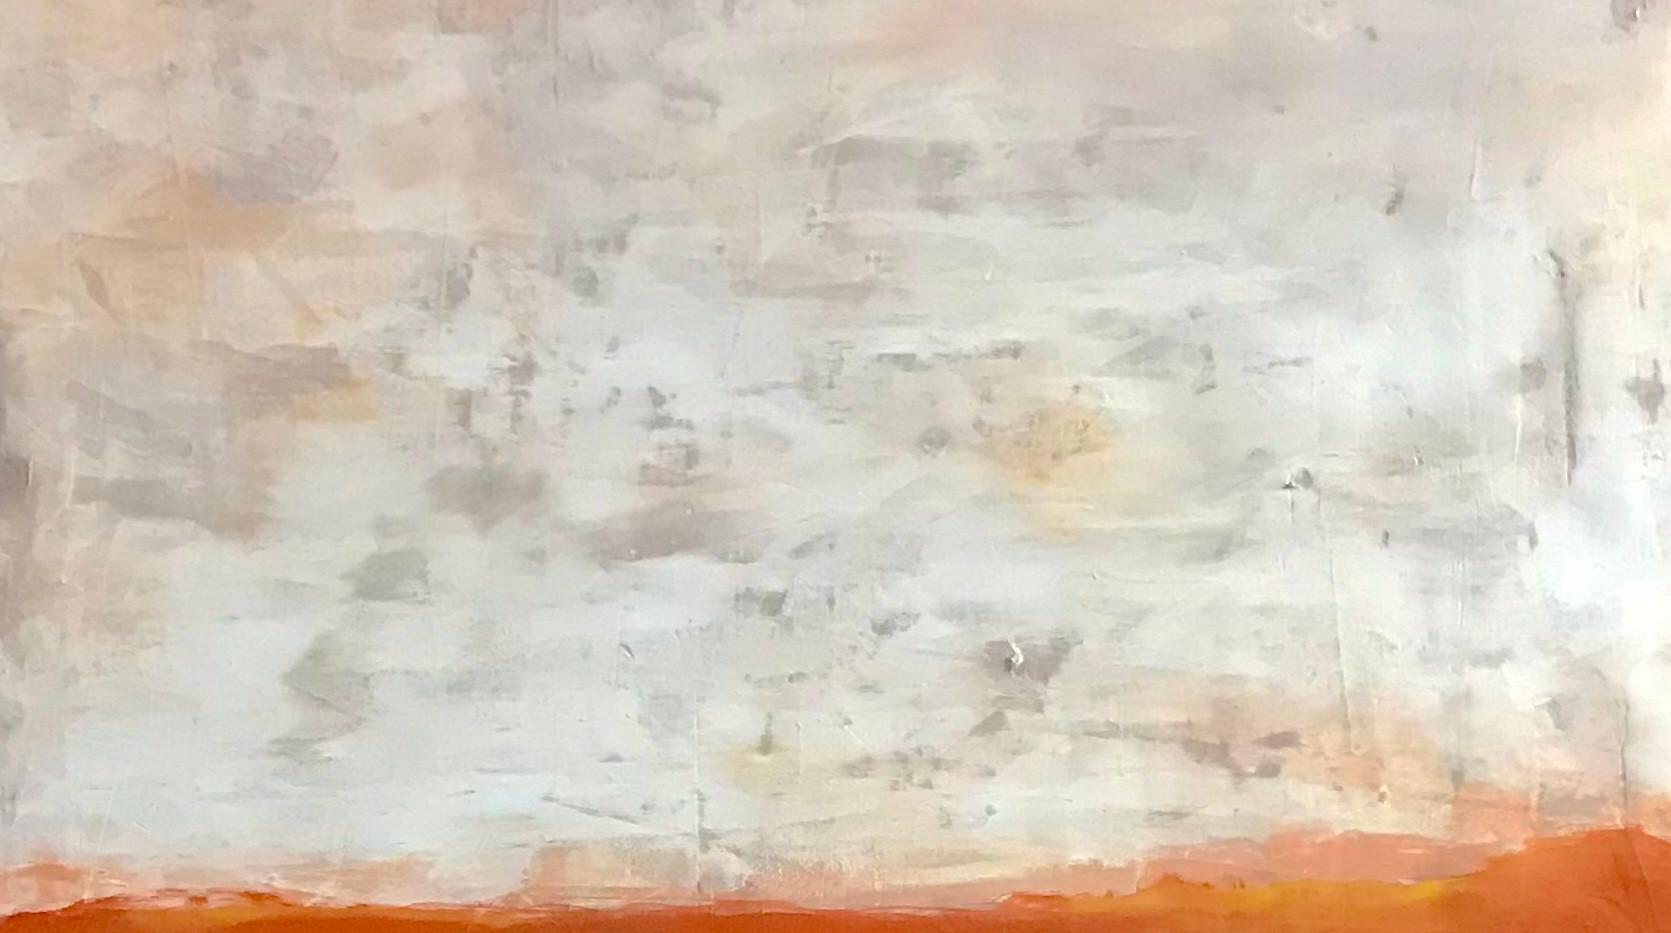 Horitzo num 2. 81 x 100 cm